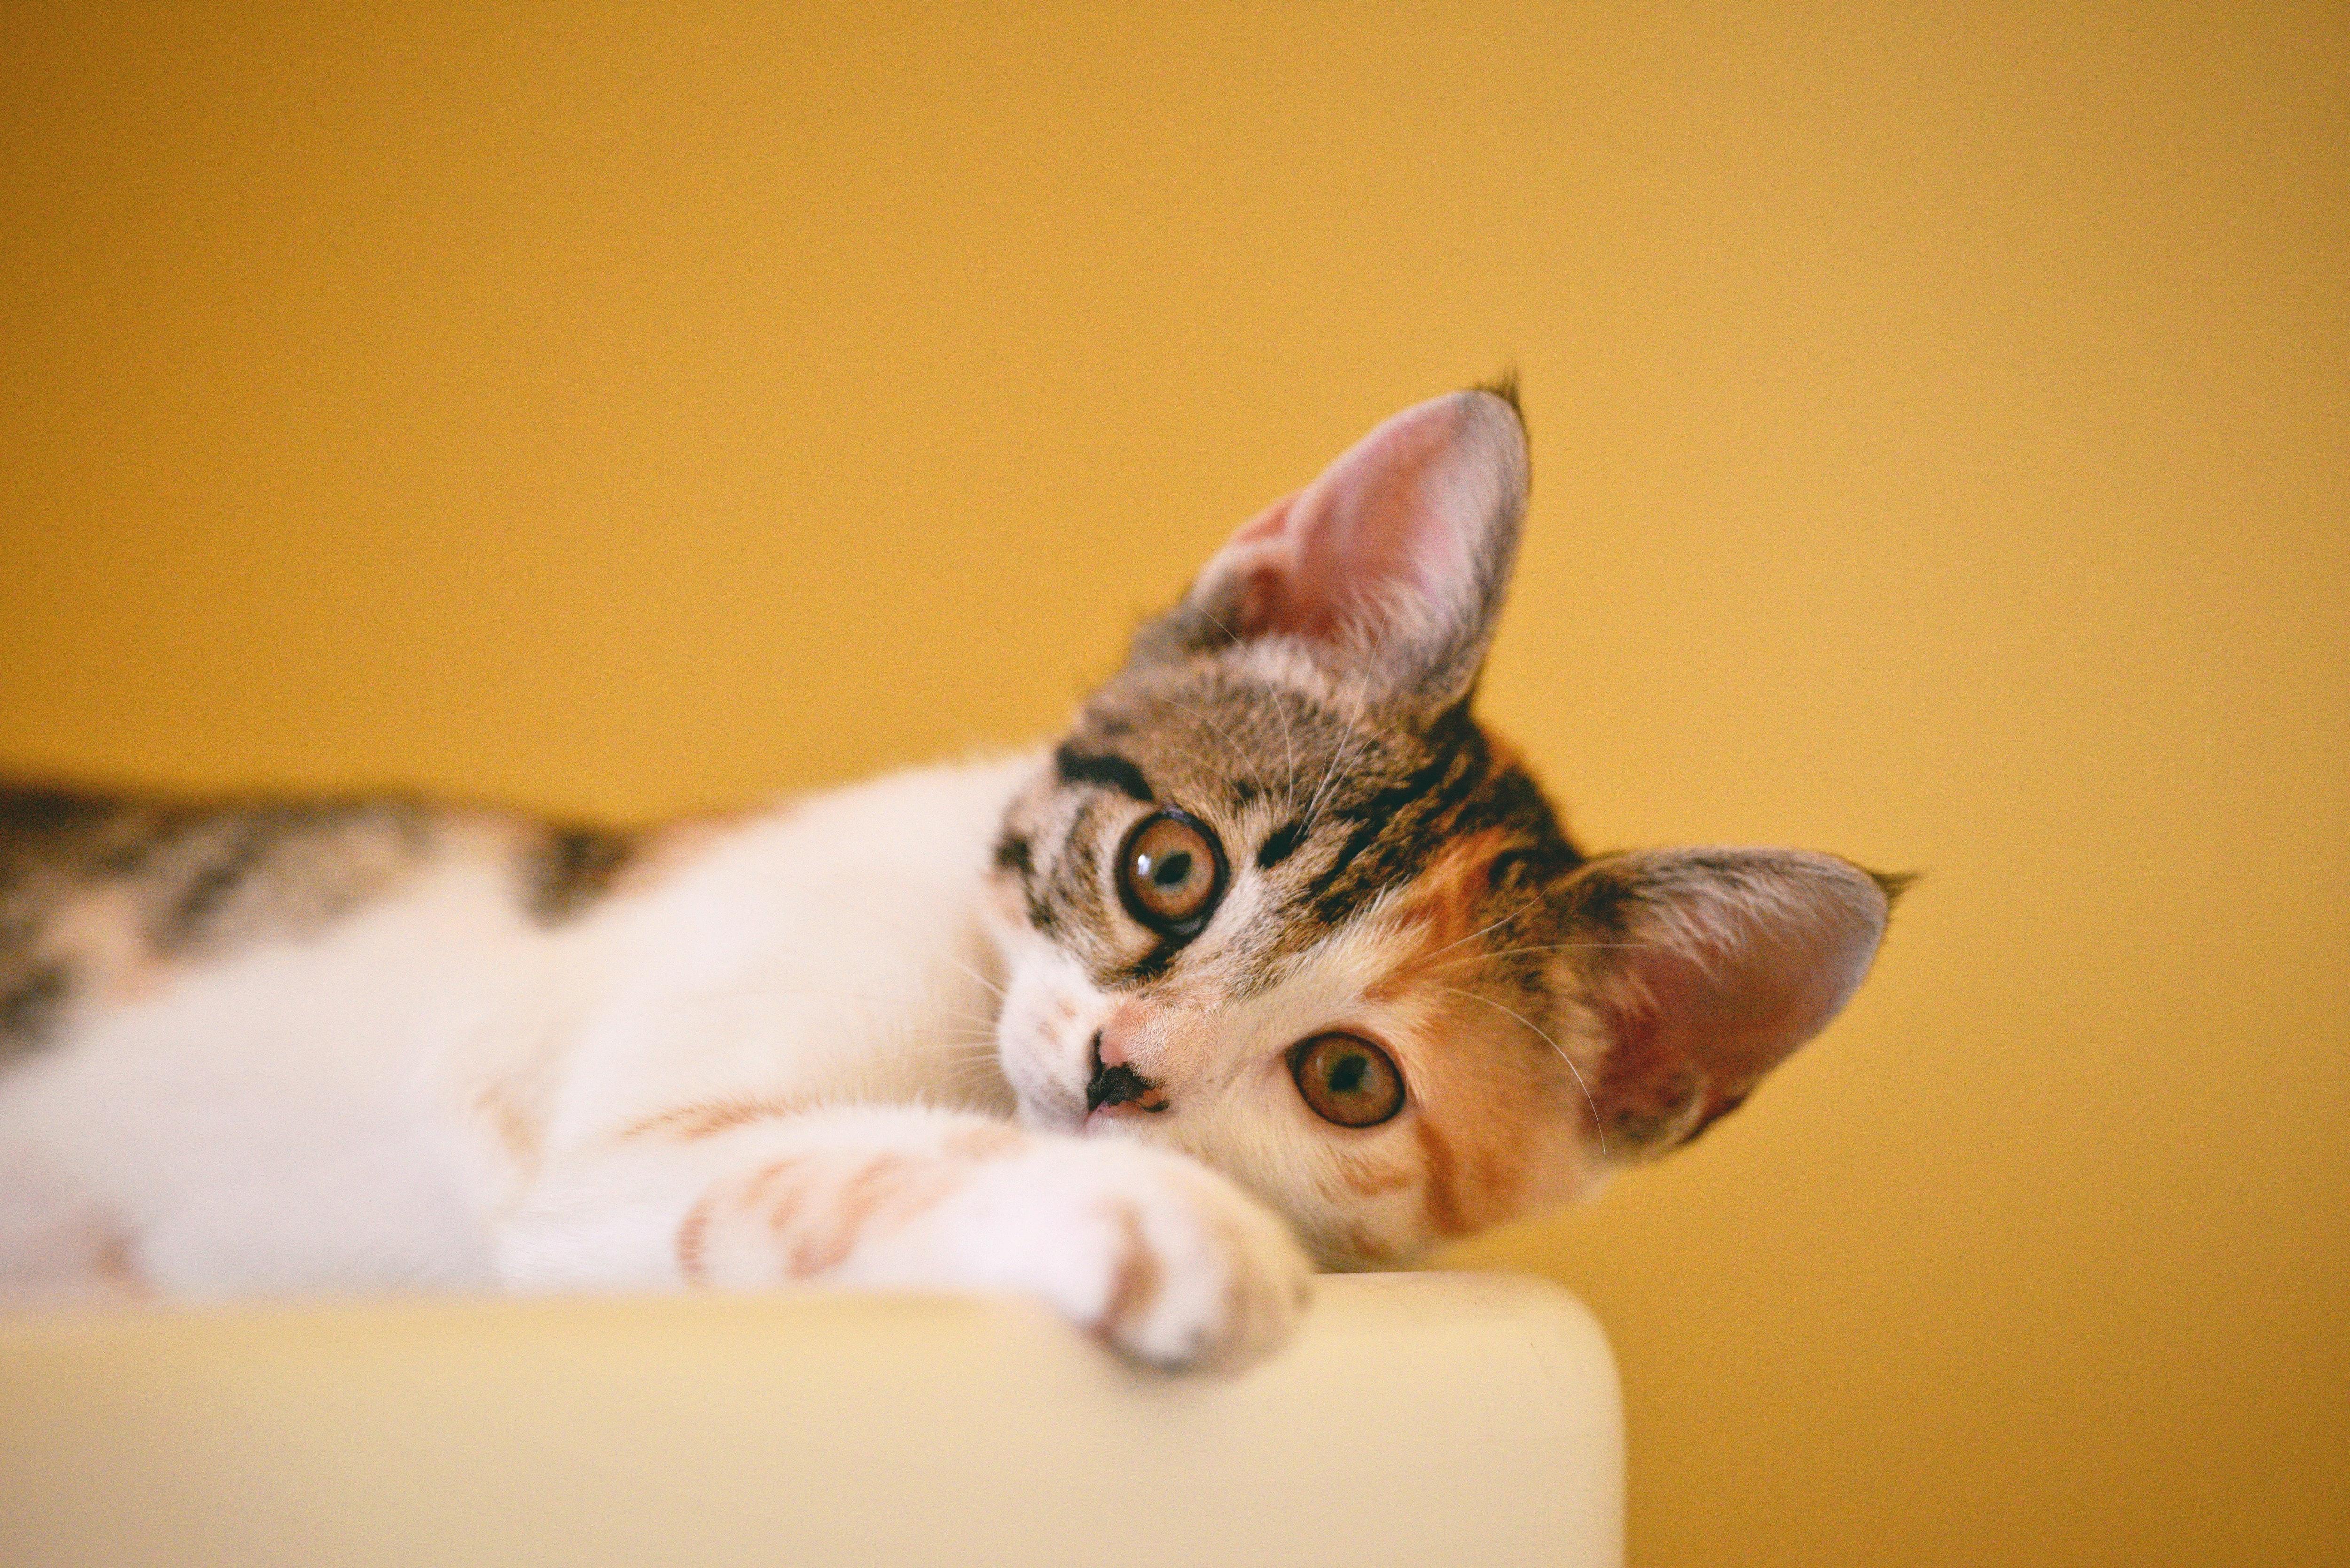 calico-cat-on-focus-photo-1404819